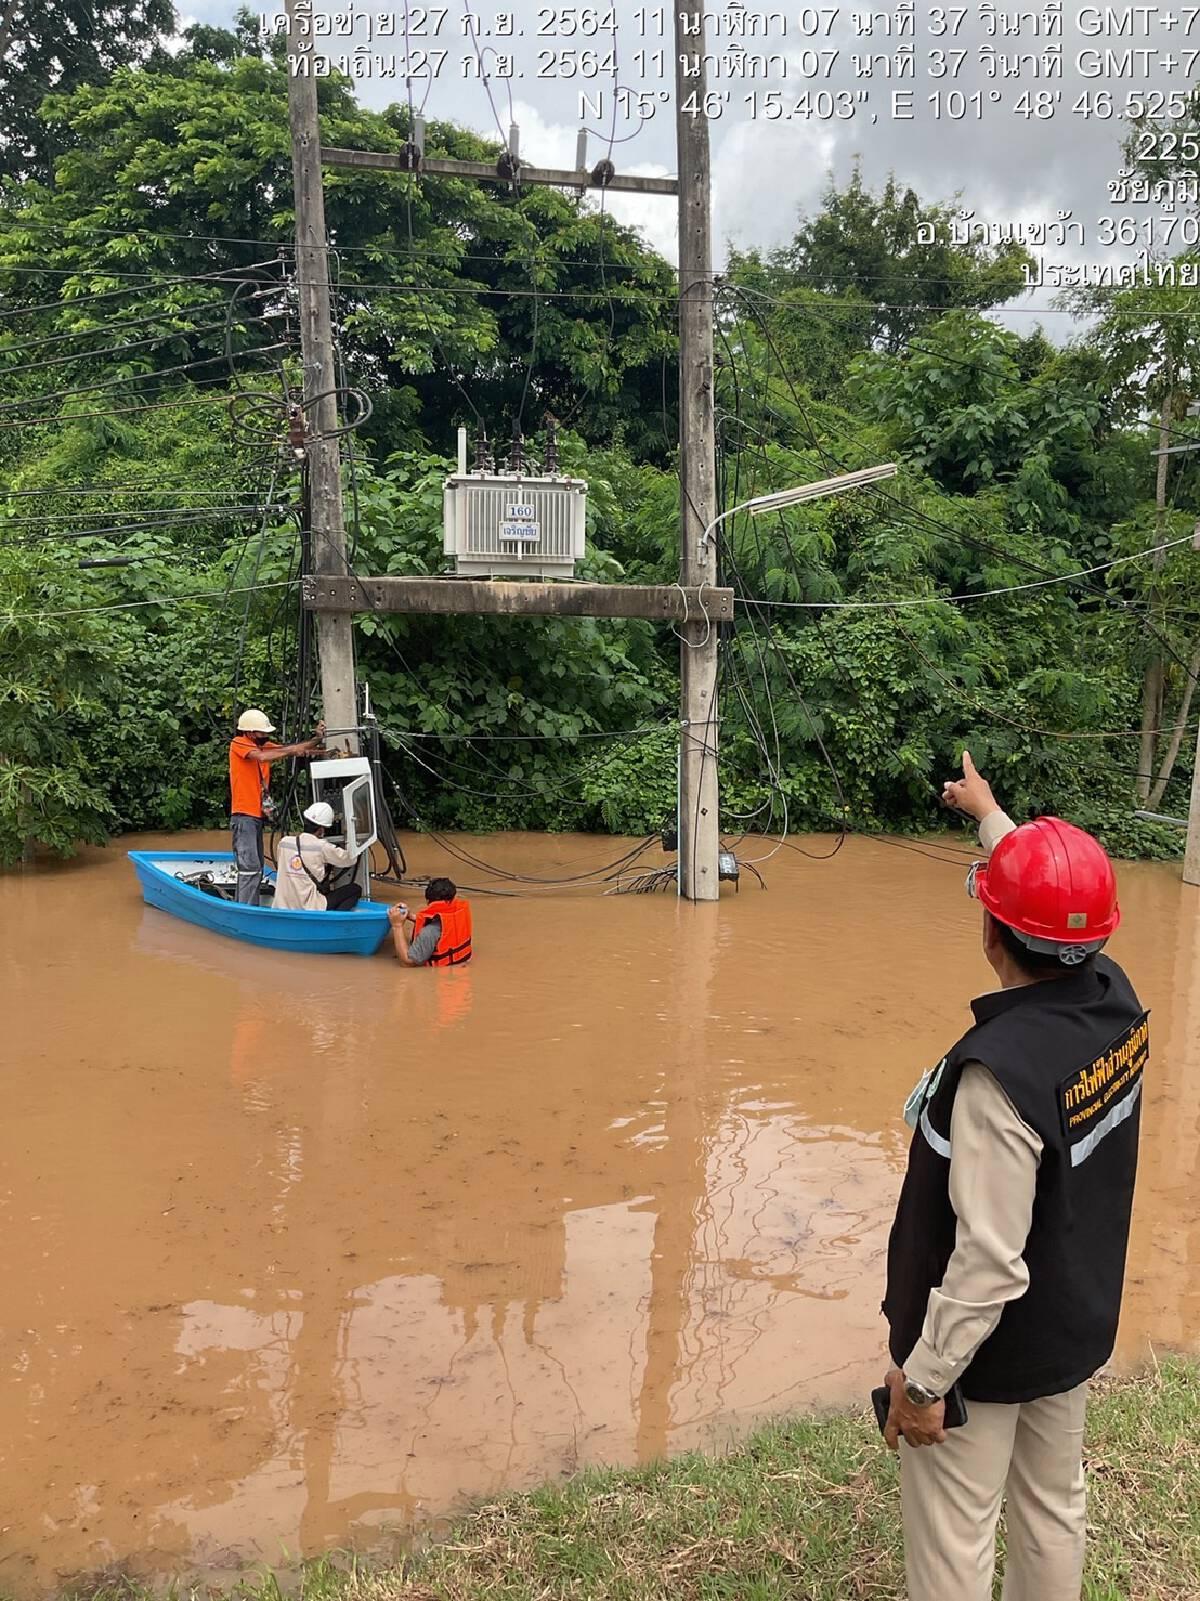 PEA เร่งดำเนินการยกระดับมิเตอร์ไฟฟ้าที่ได้รับผลกระทบน้ำท่วมสูง ในพื้นที่จังหวัดชัยภูมิ